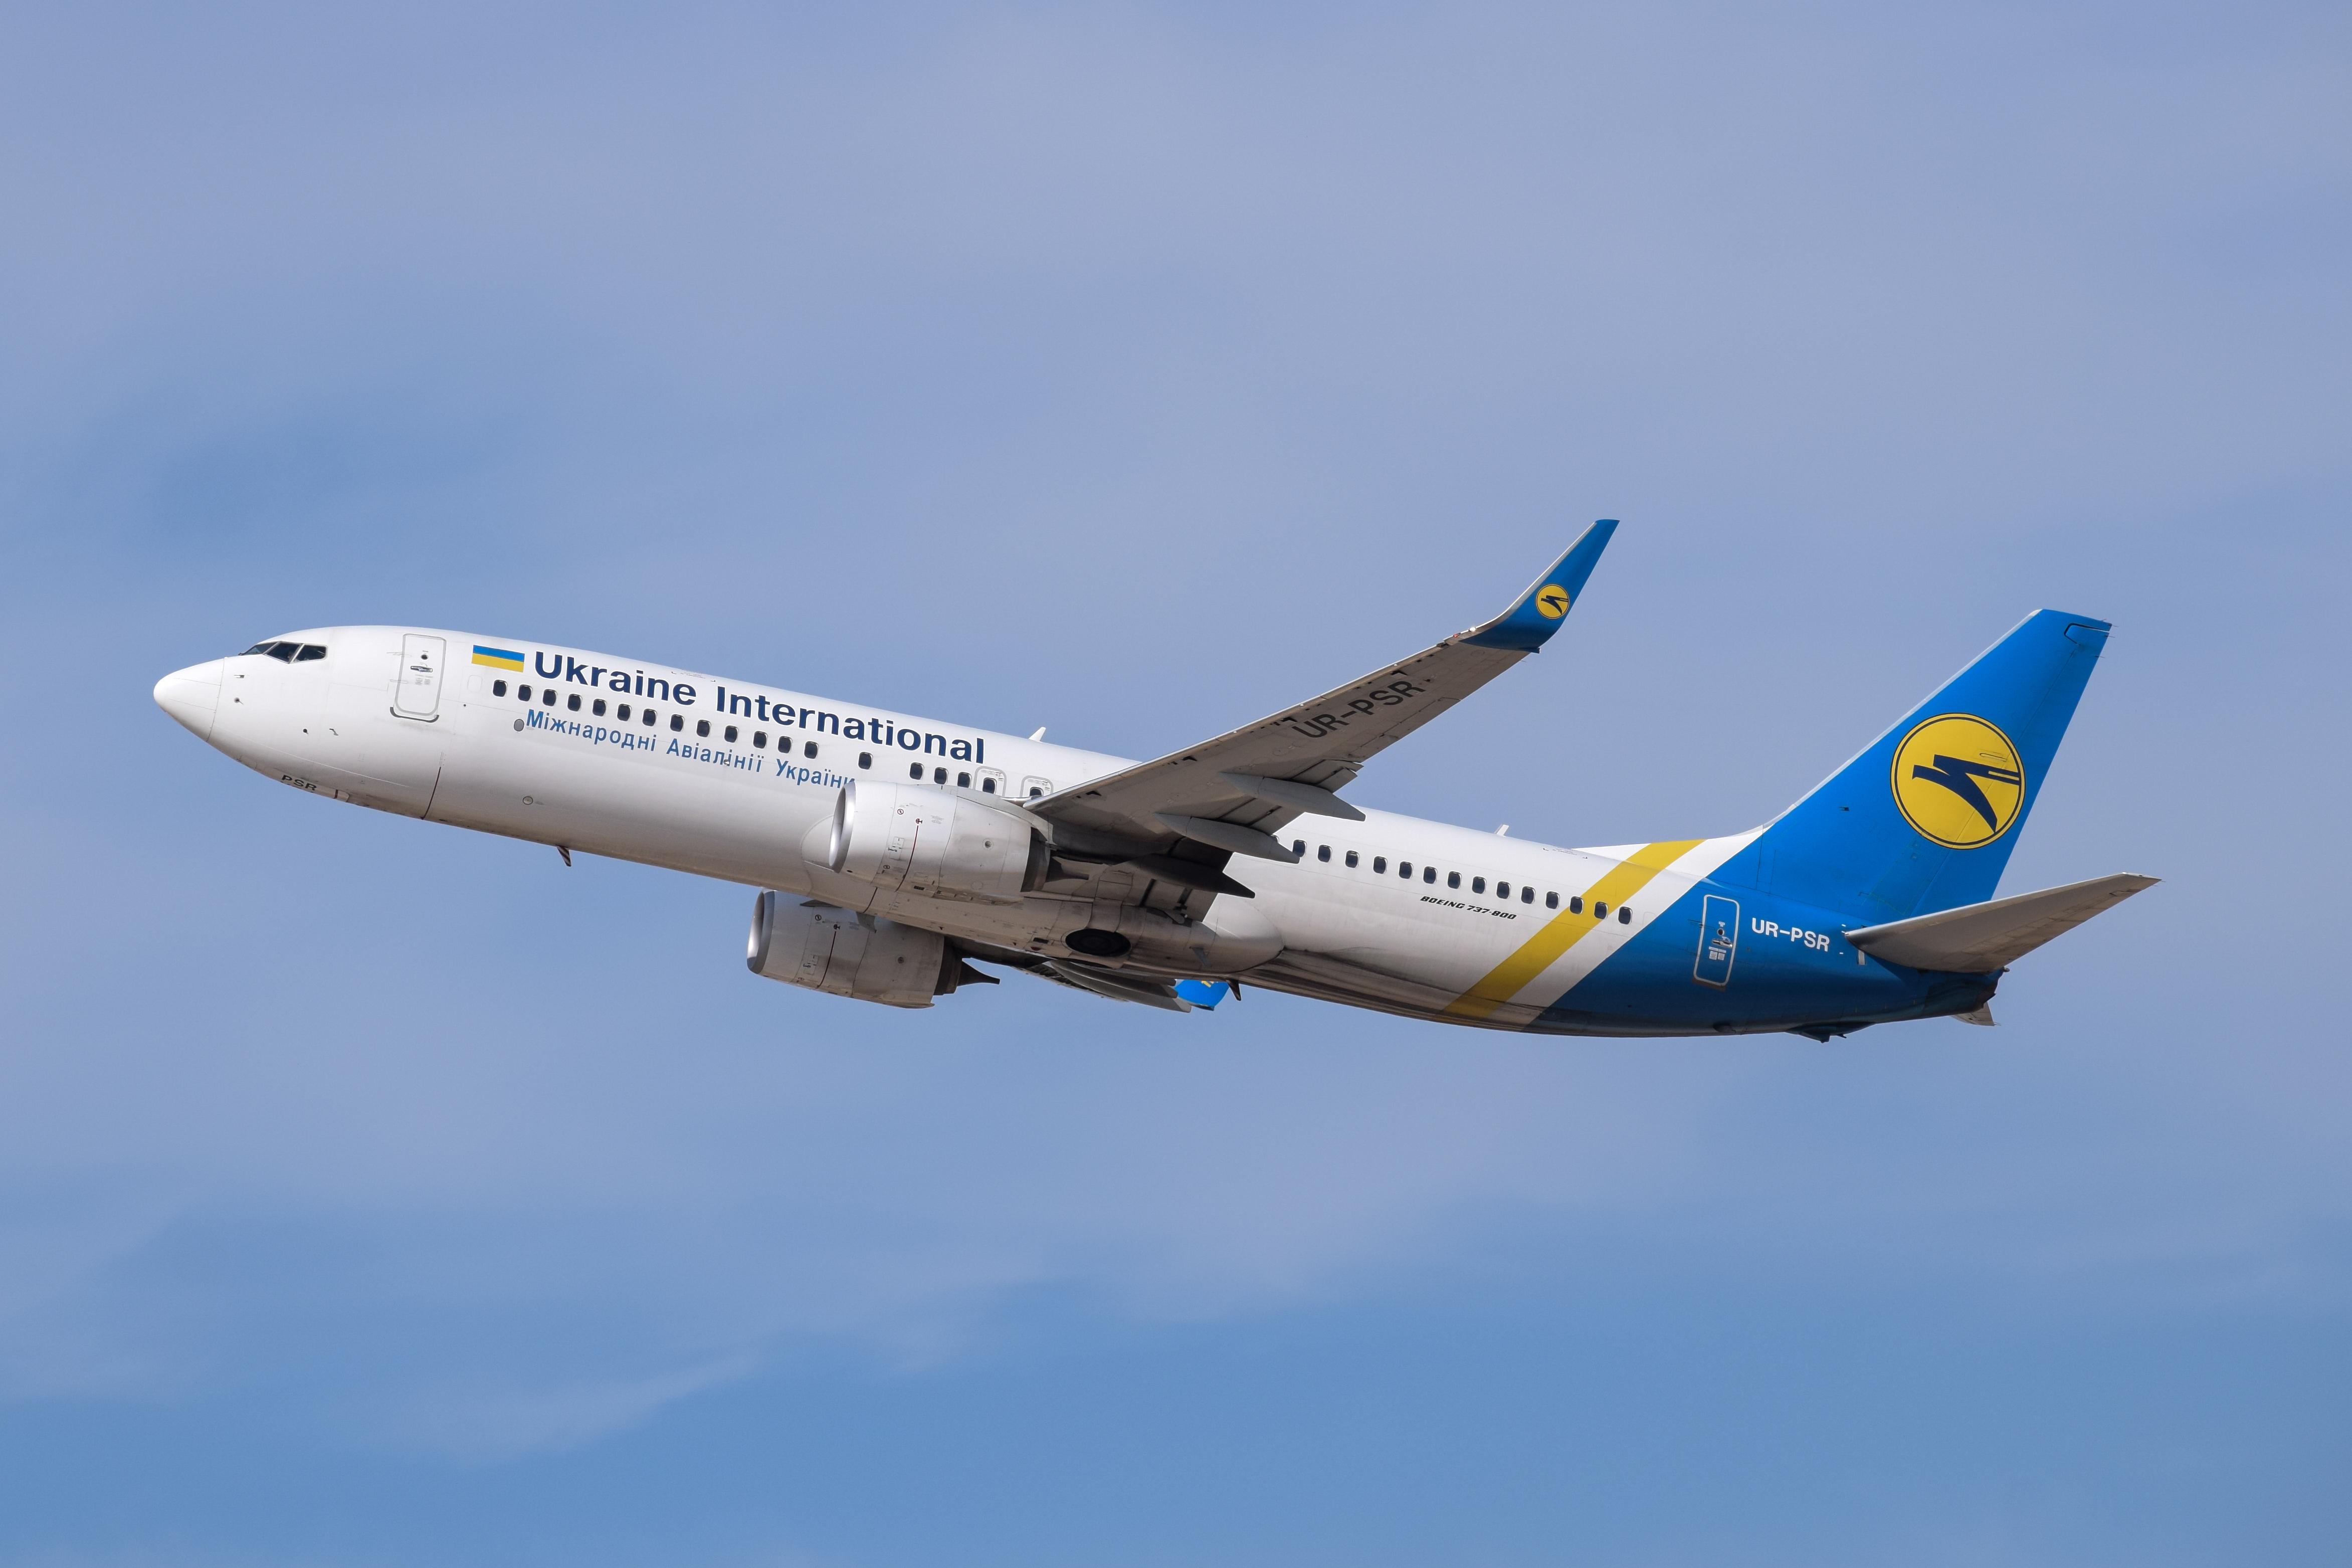 Ukrajinský Boeing 737 jsme sestřelili, přiznal Írán